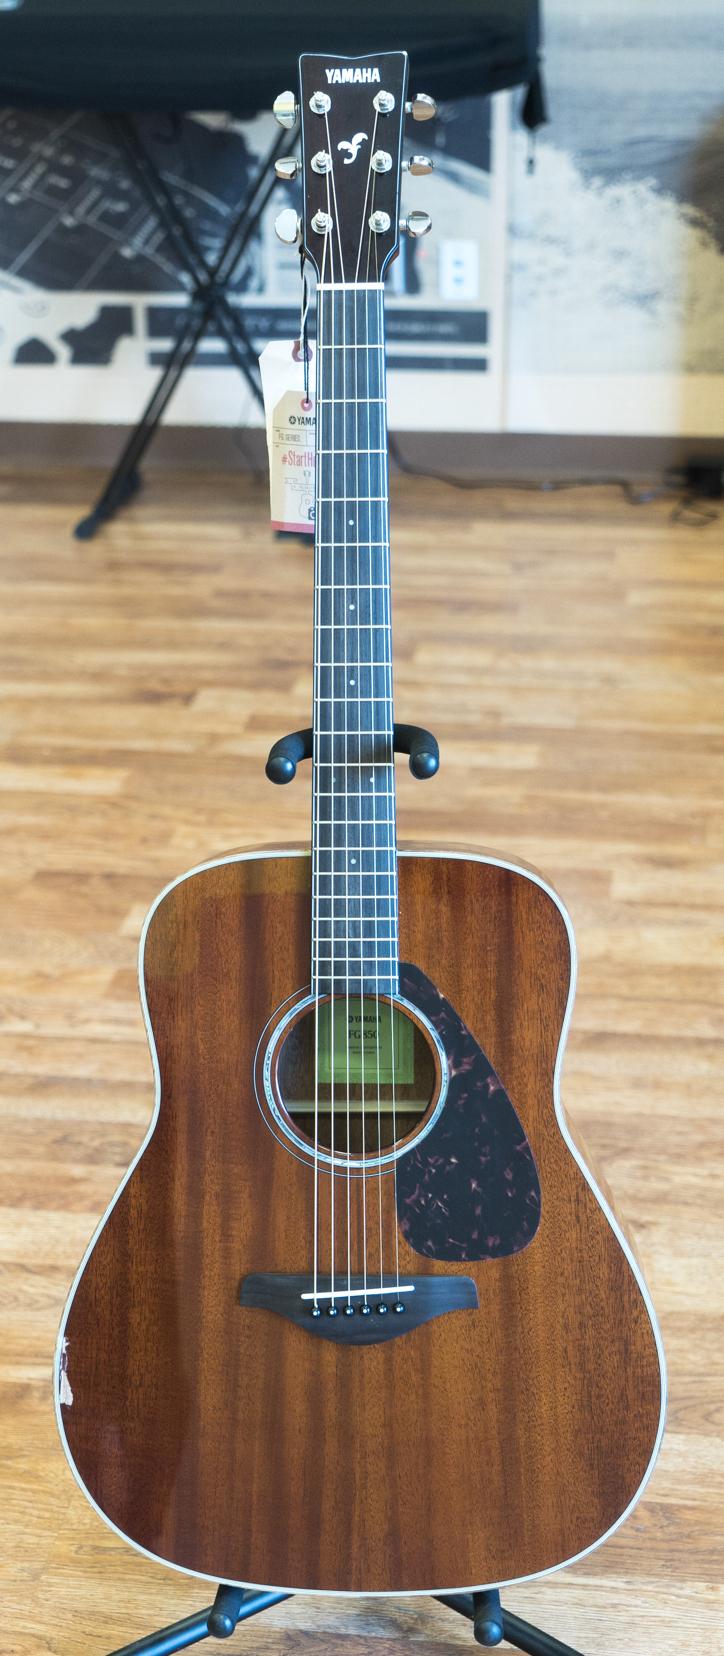 Yamaha fg850 acoustic guitar natural mahogany ebay for Yamaha acoustic guitar ebay